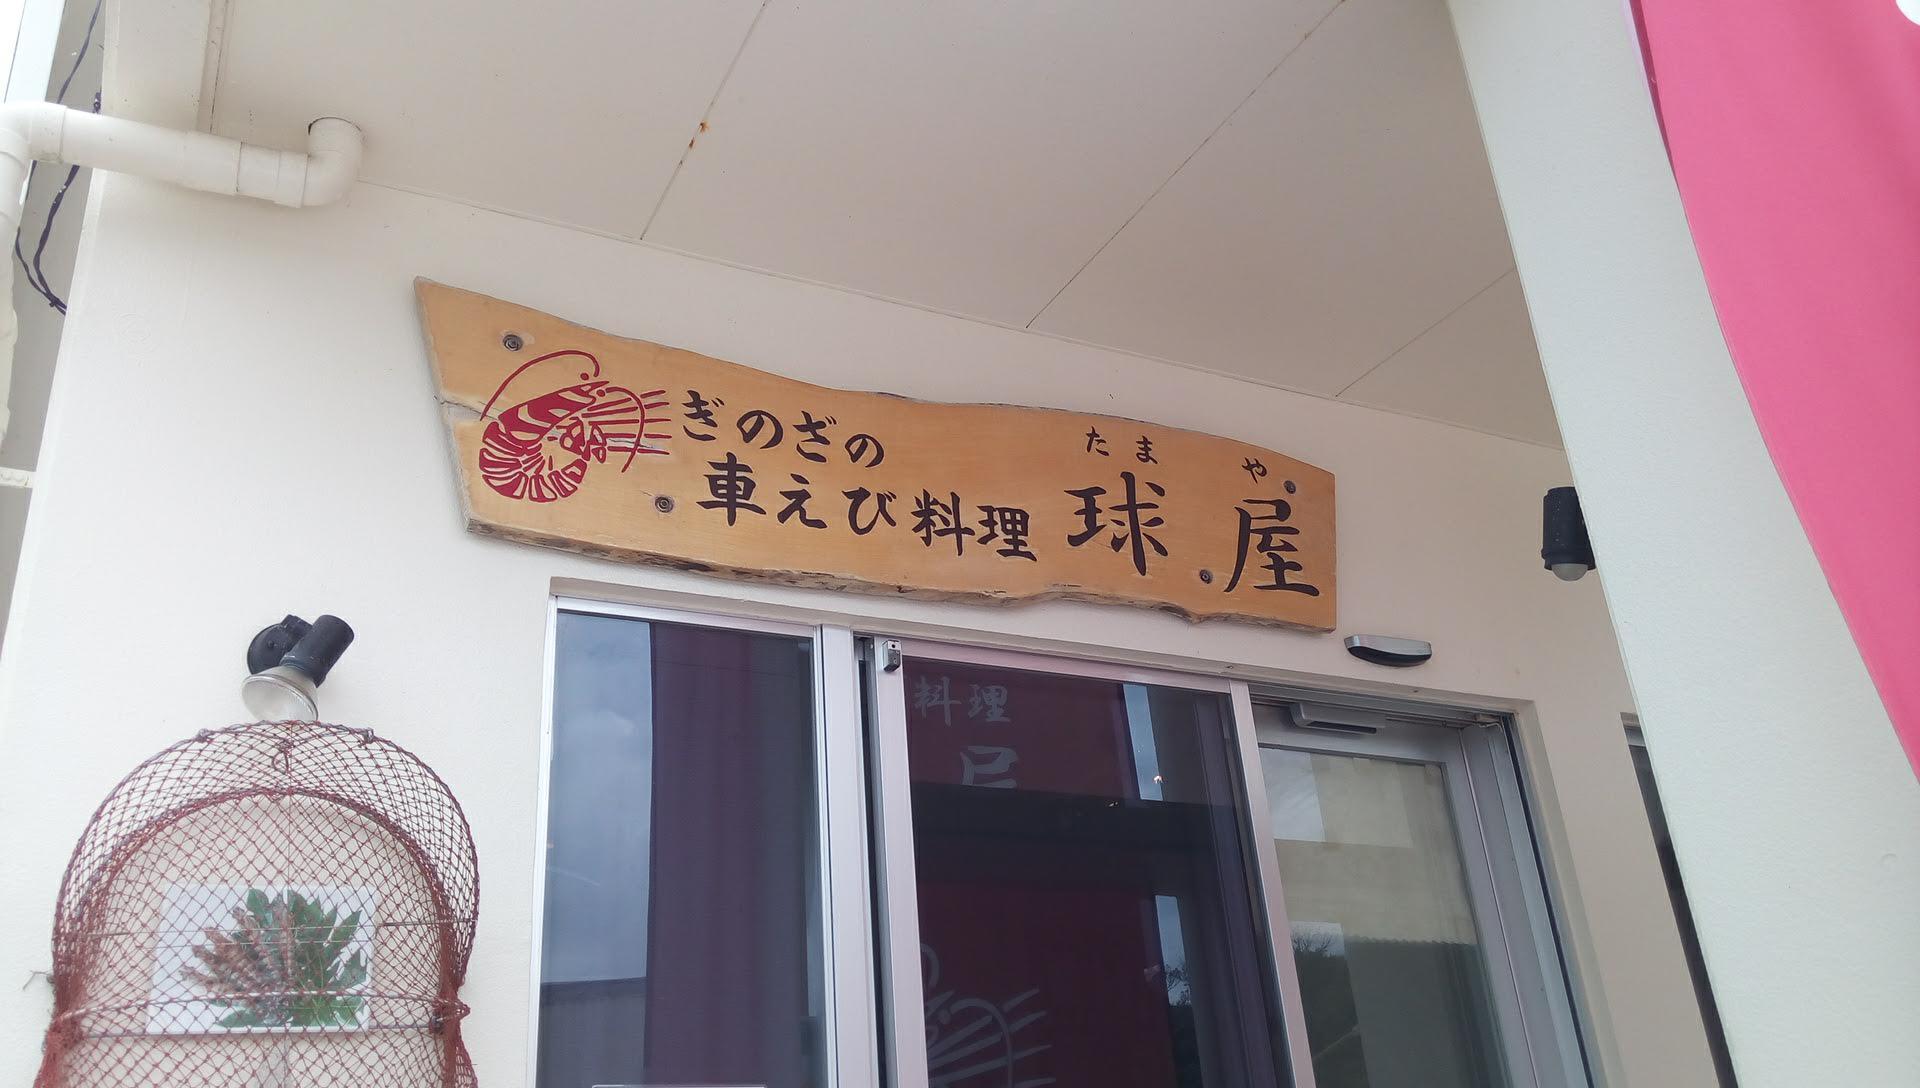 生きたままの新鮮な車エビ料理は最高! 宜野座村の球屋